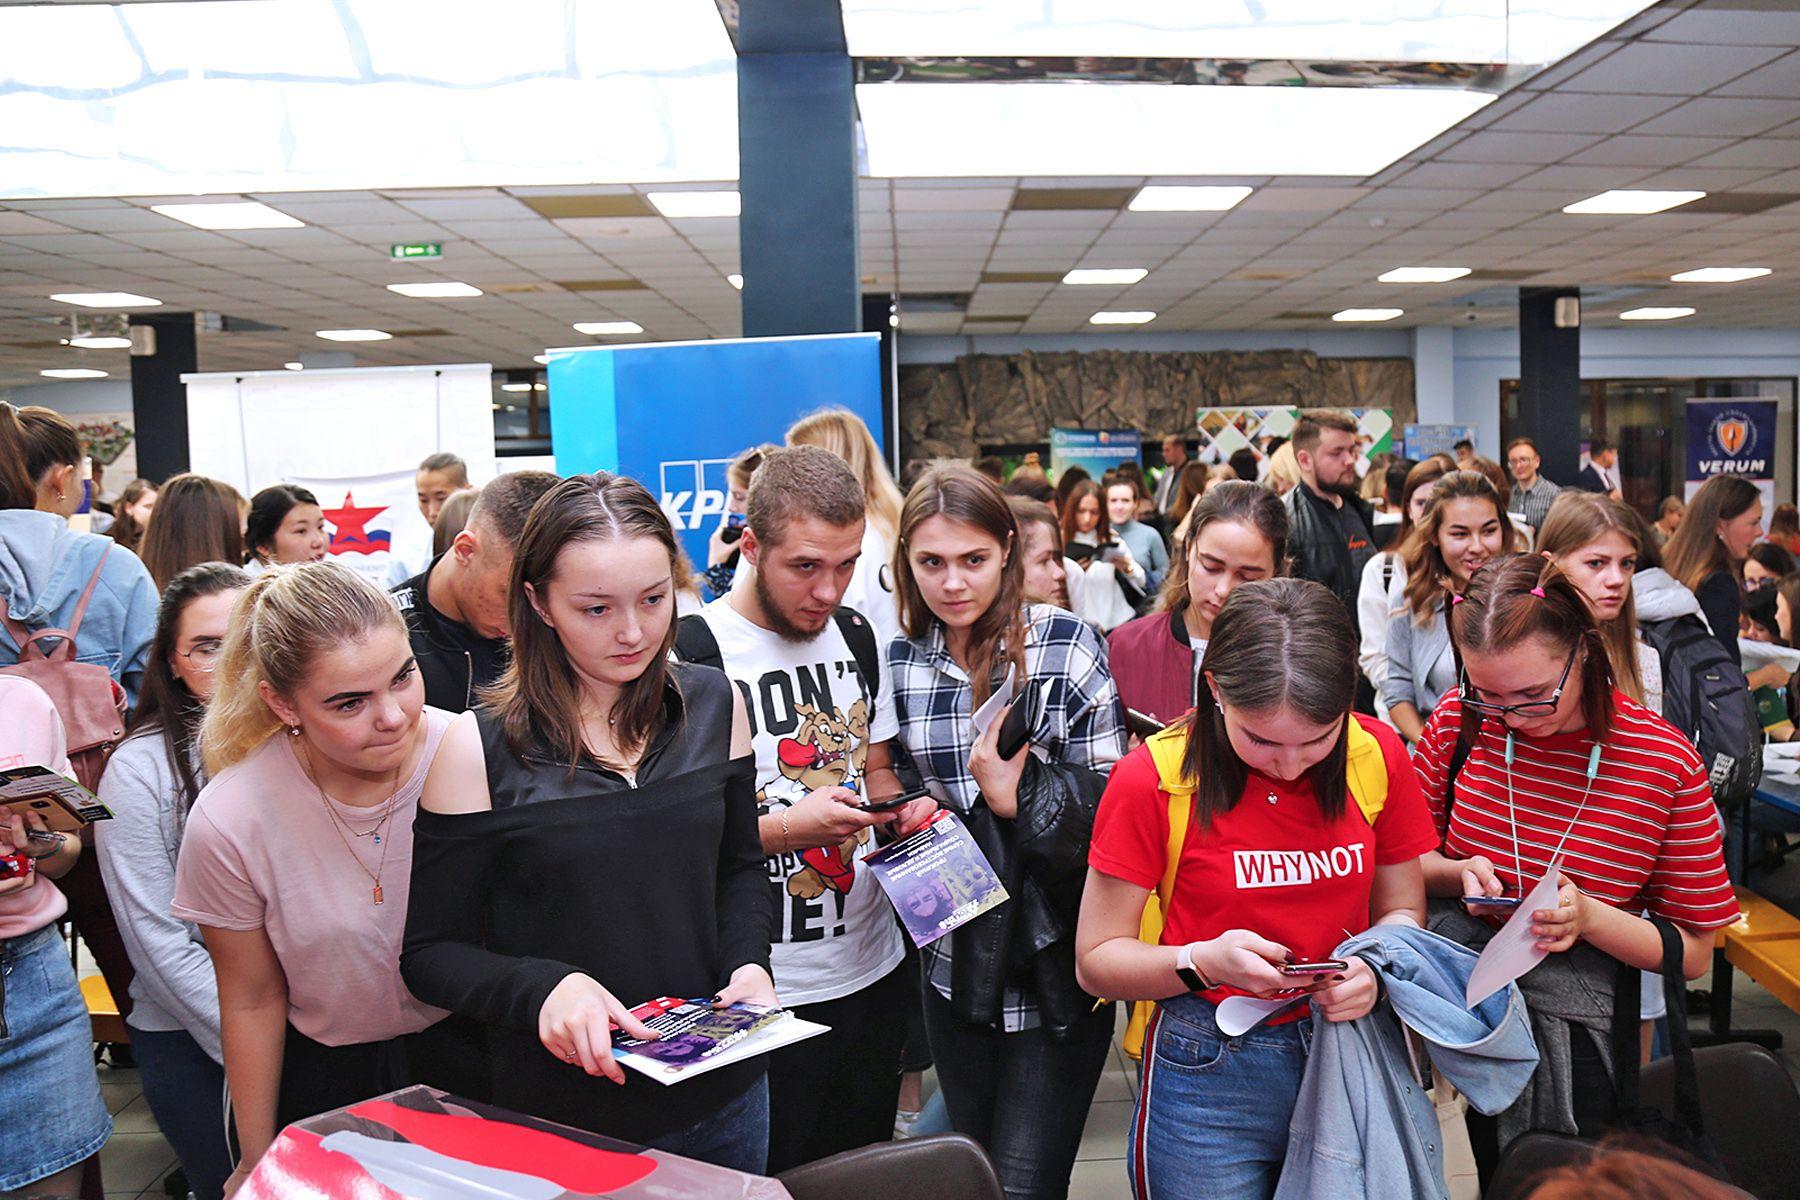 58 компаний-партнеров ВГУЭС предложили места прохождения практики студентам на осенней ярмарке